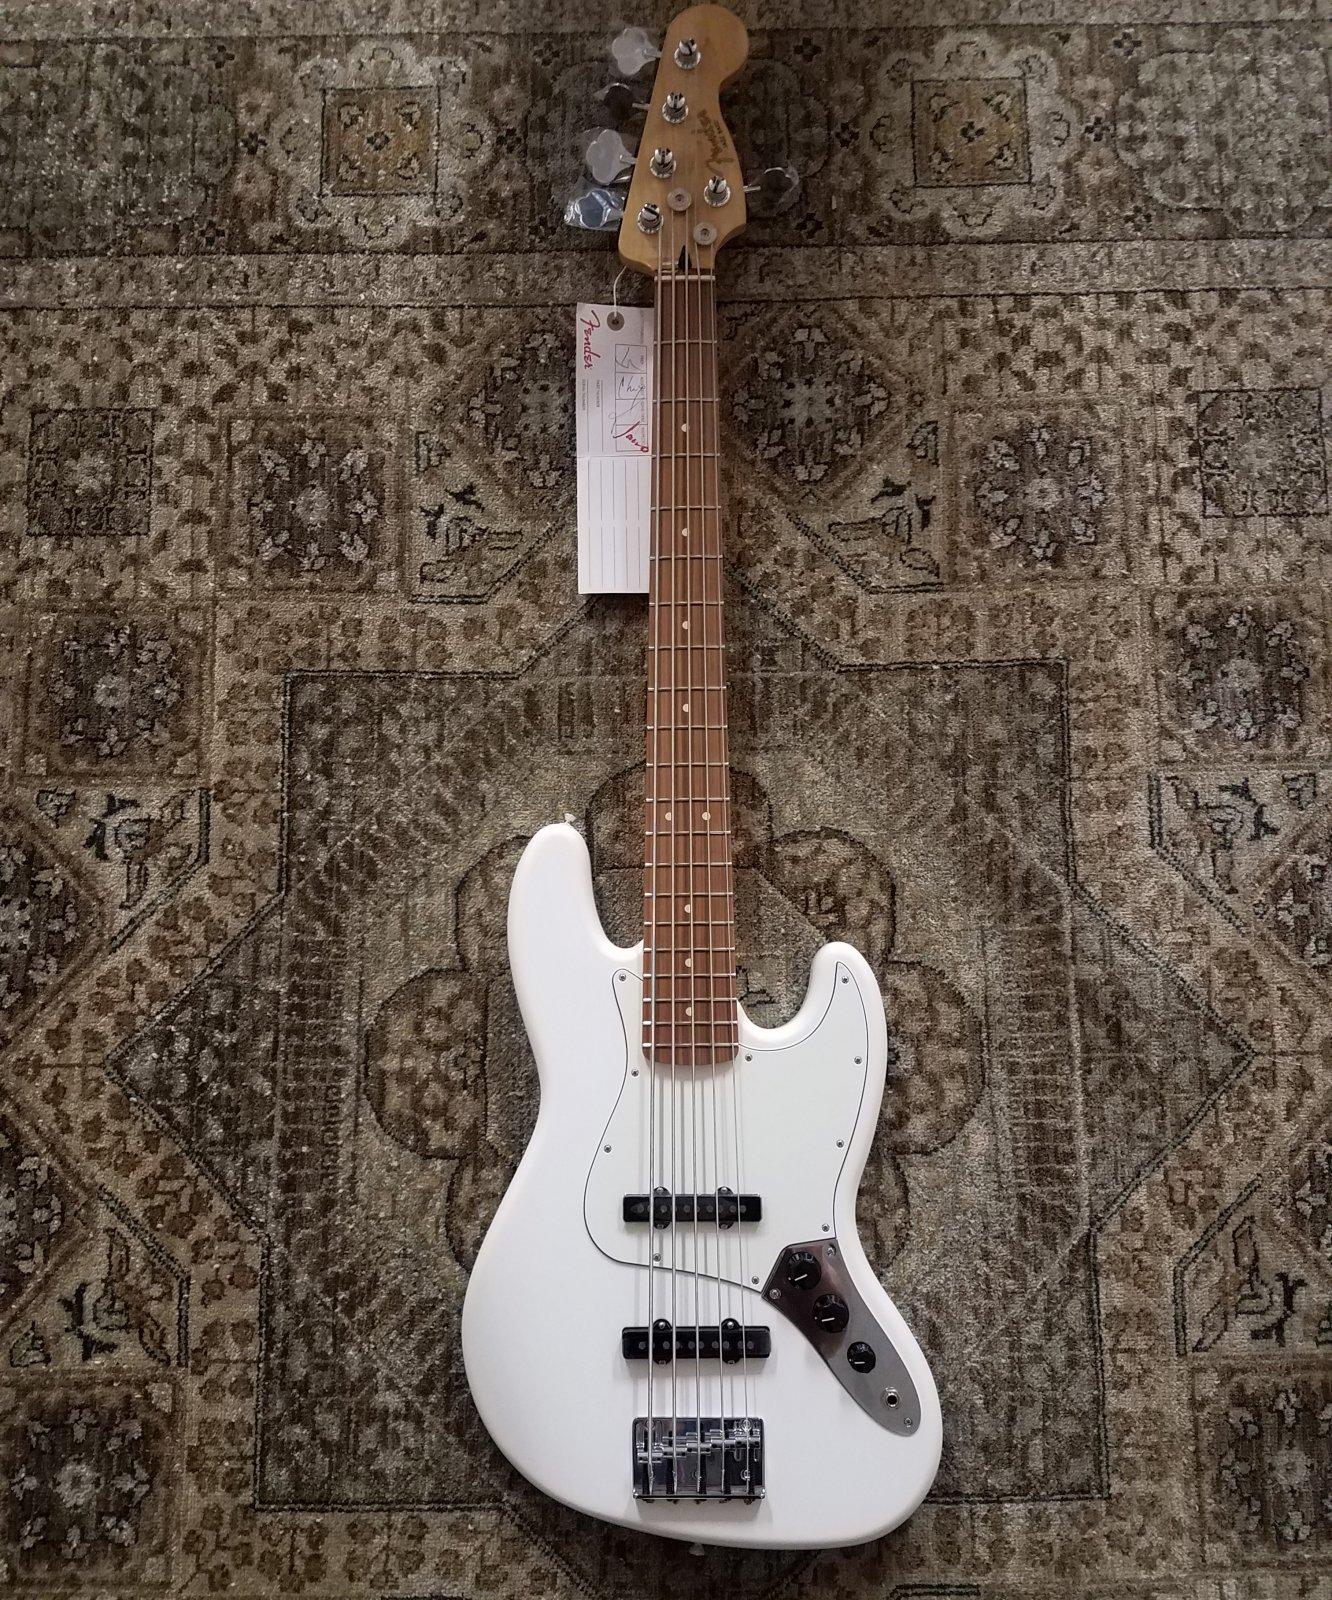 Fender Player Jazz Bass V in Polar White w/ Free Pro Setup